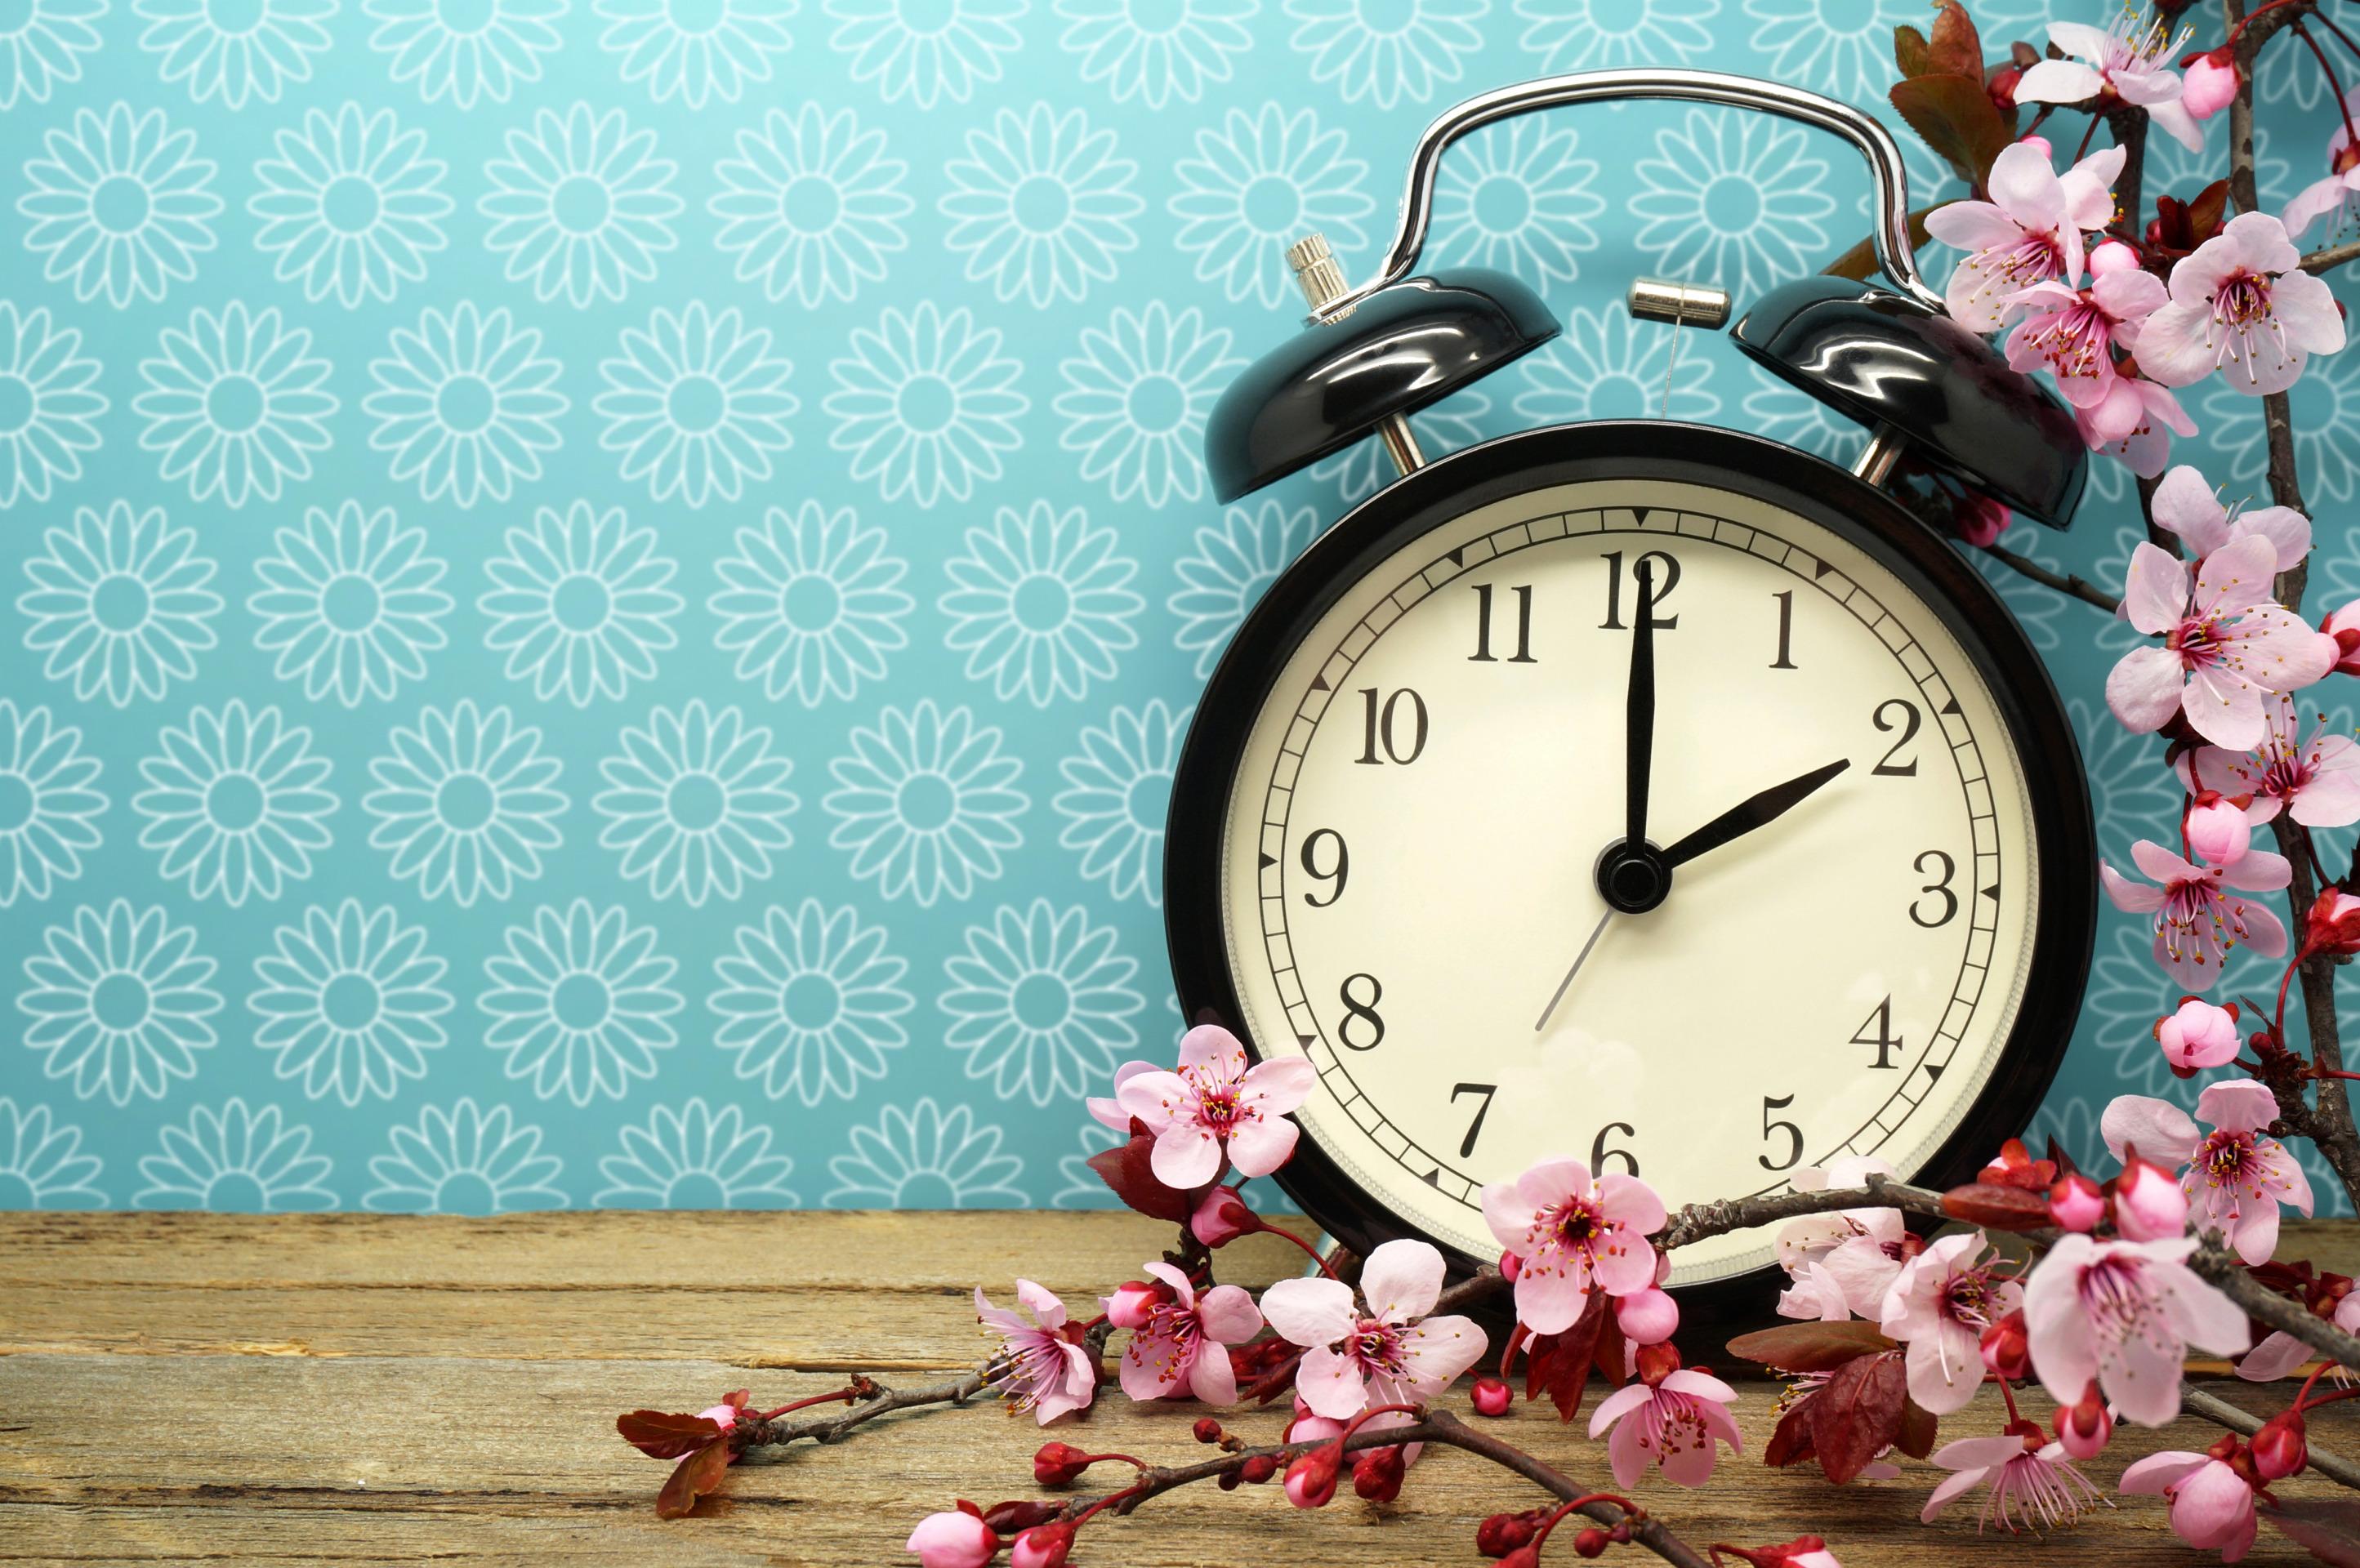 природа цветы часы  № 1520709 бесплатно